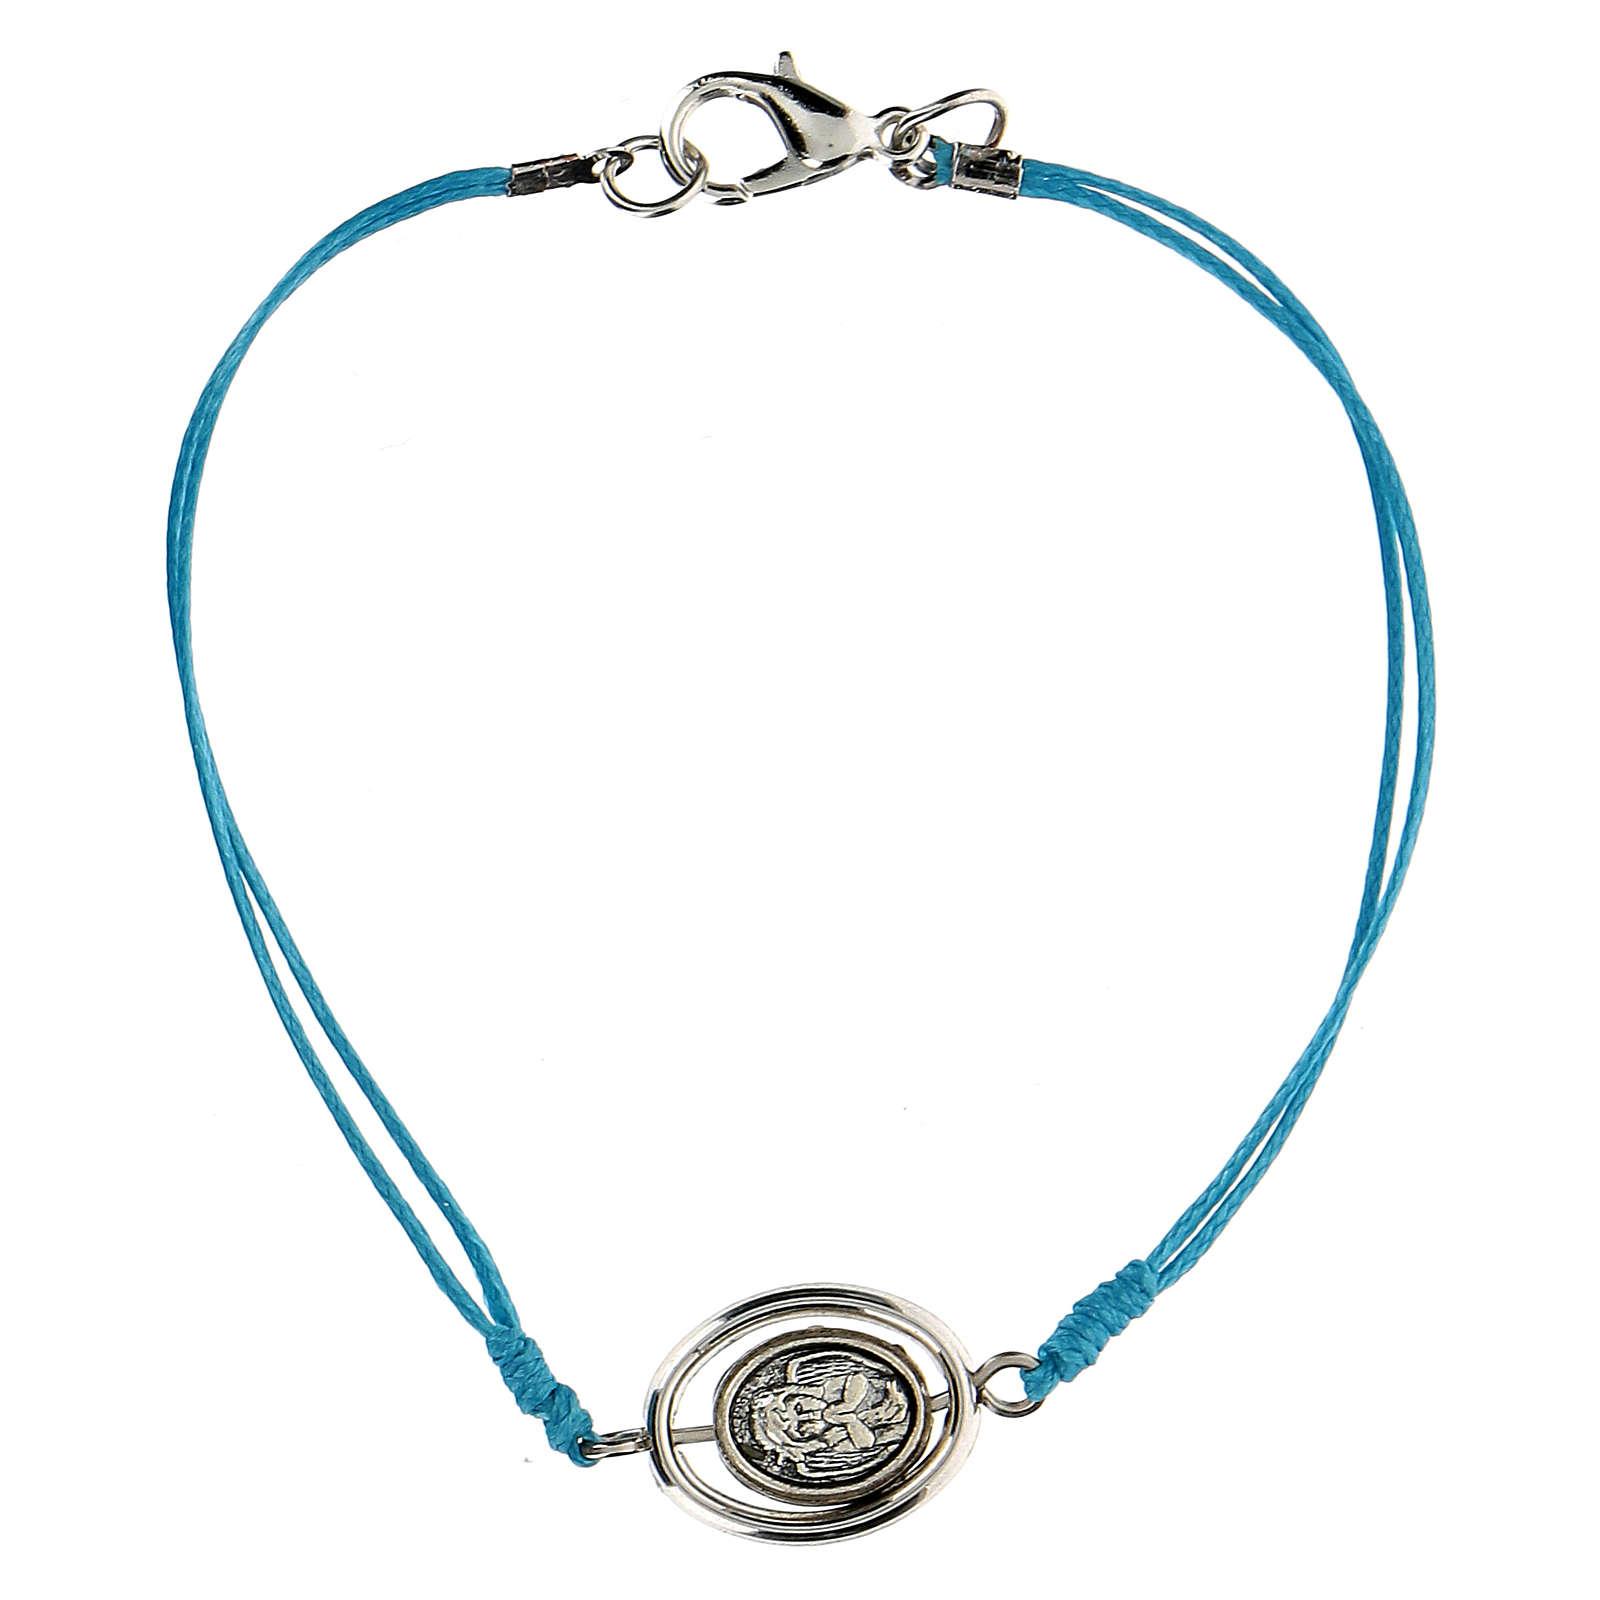 Braccialetto Angioletto corda azzurra 9 mm 4